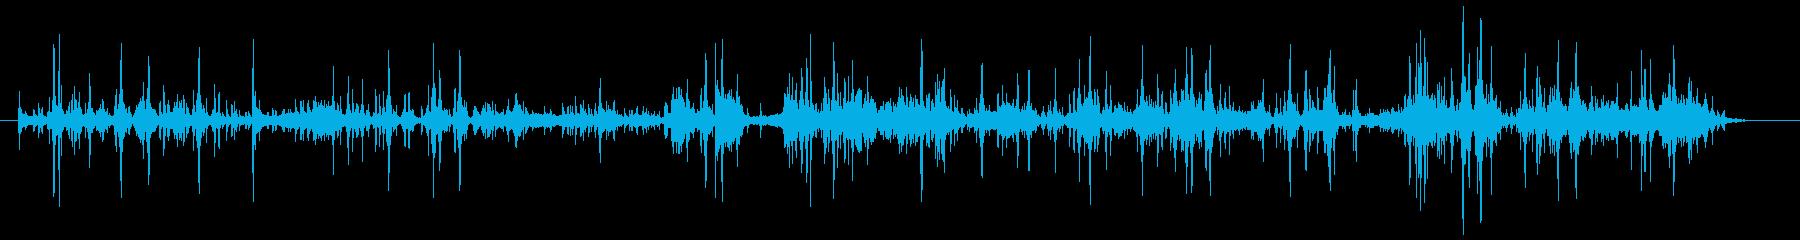 幽霊のいる家の音、ラップ音の再生済みの波形